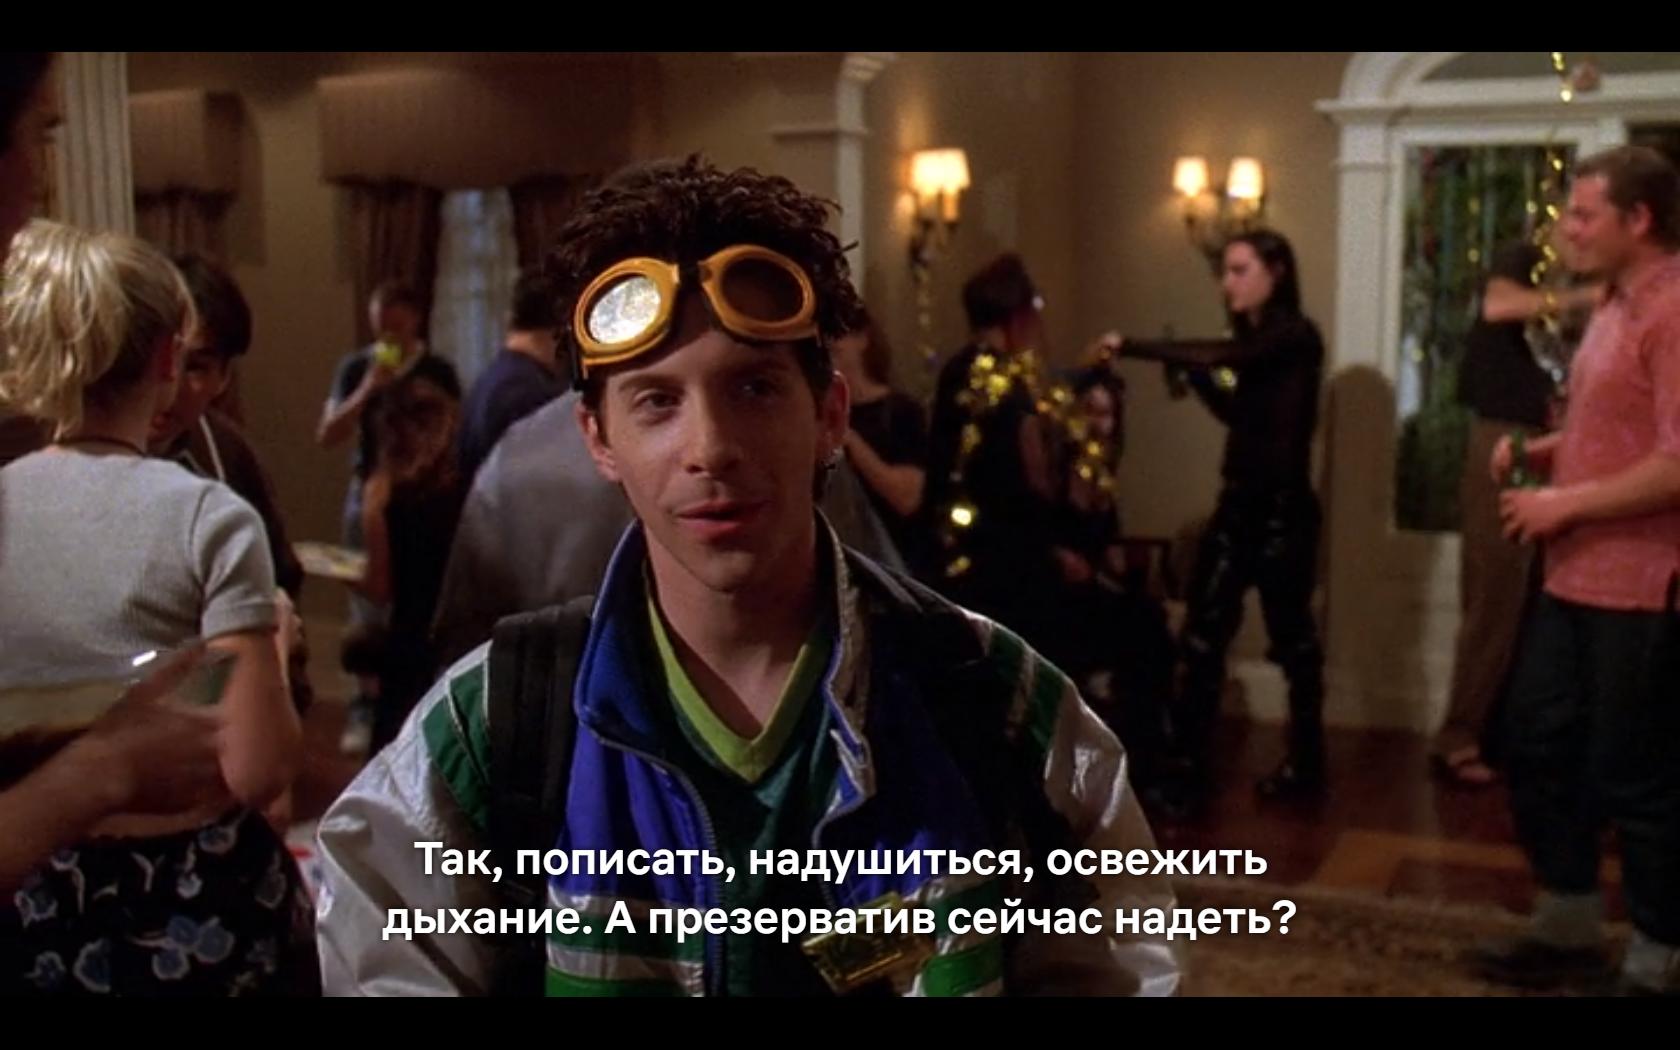 О московских пабах. - Изображение 13